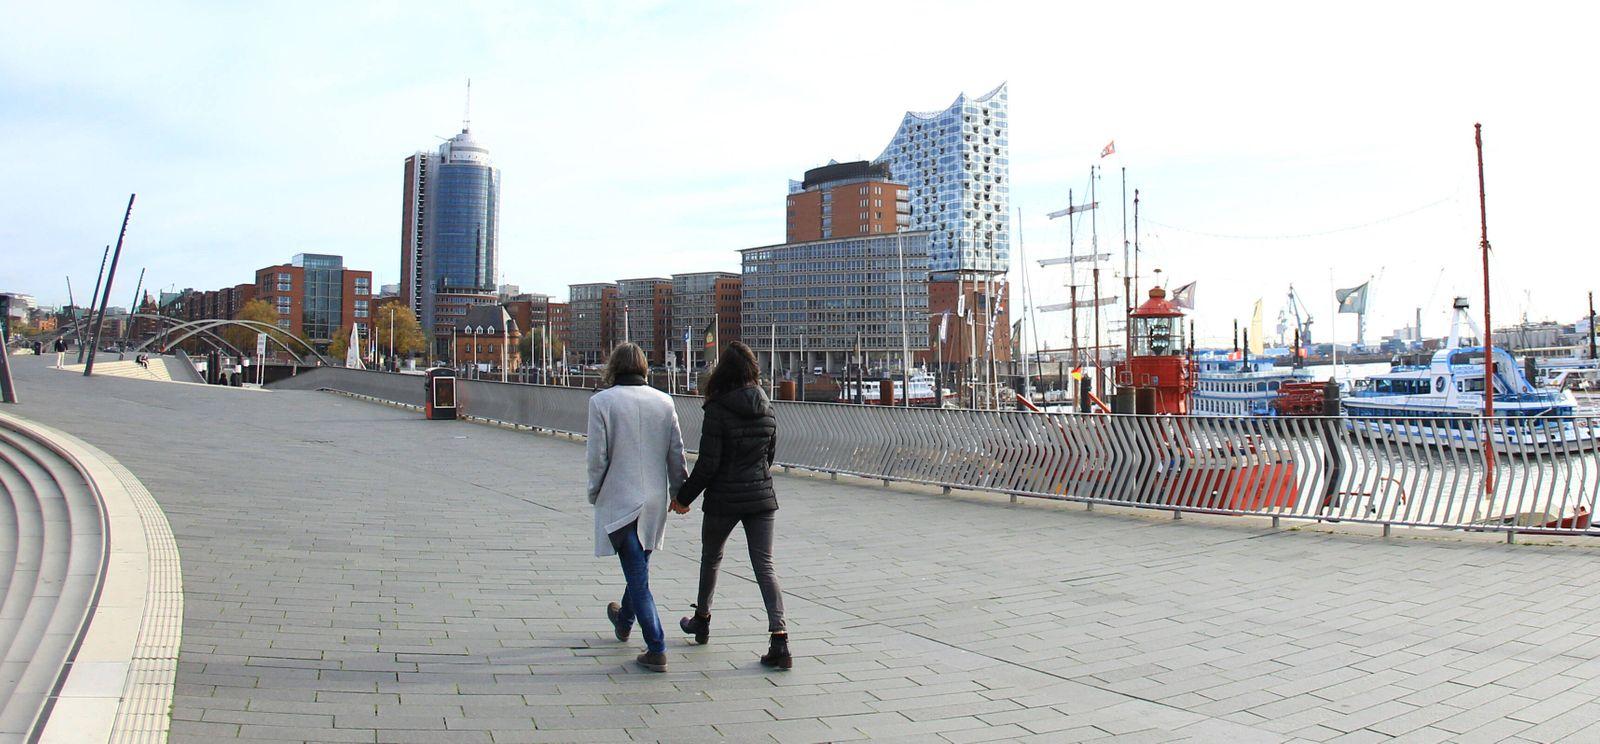 Zwei Menschen schlendern auf der Hamburger Hafenpromenade entlang. Wegen des Lockdowns ist der sonstige Touristen-Hotsp